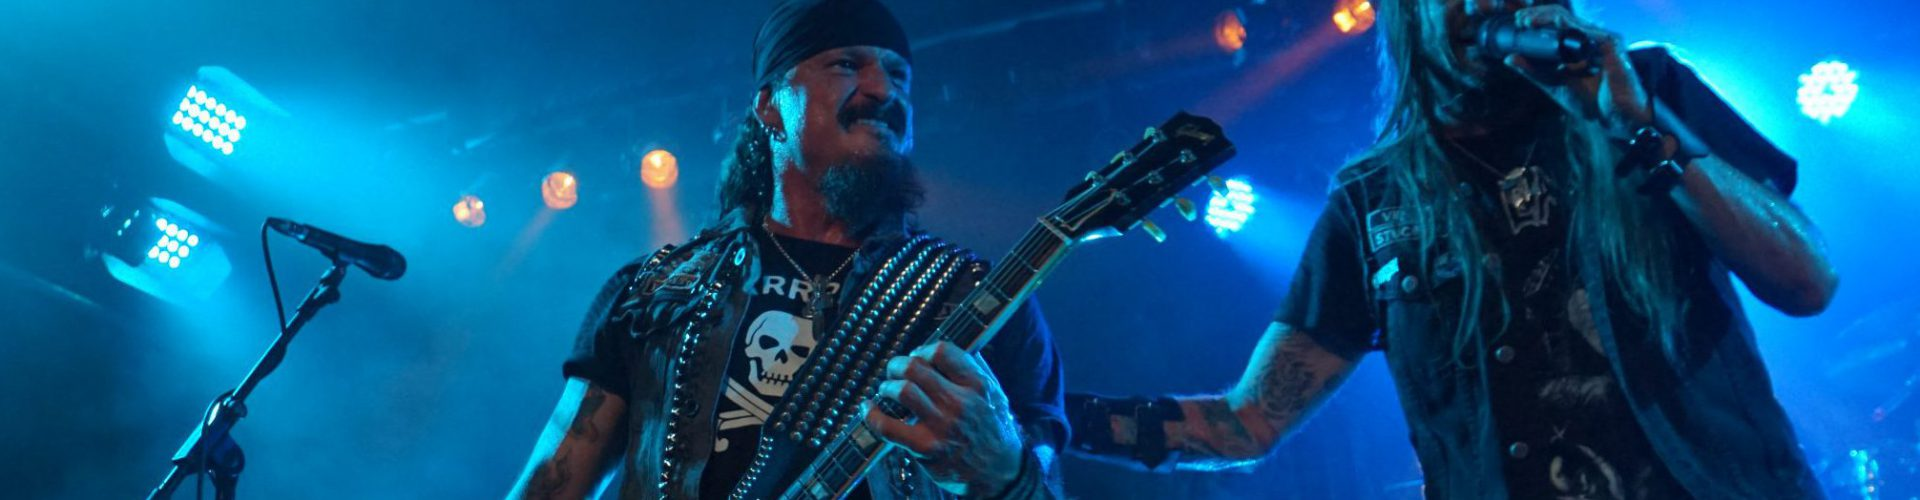 Exklusiv Interview – Metalogy im Gespräch mit ICED EARTH Bandleader Jon Schaffer – Teil 3